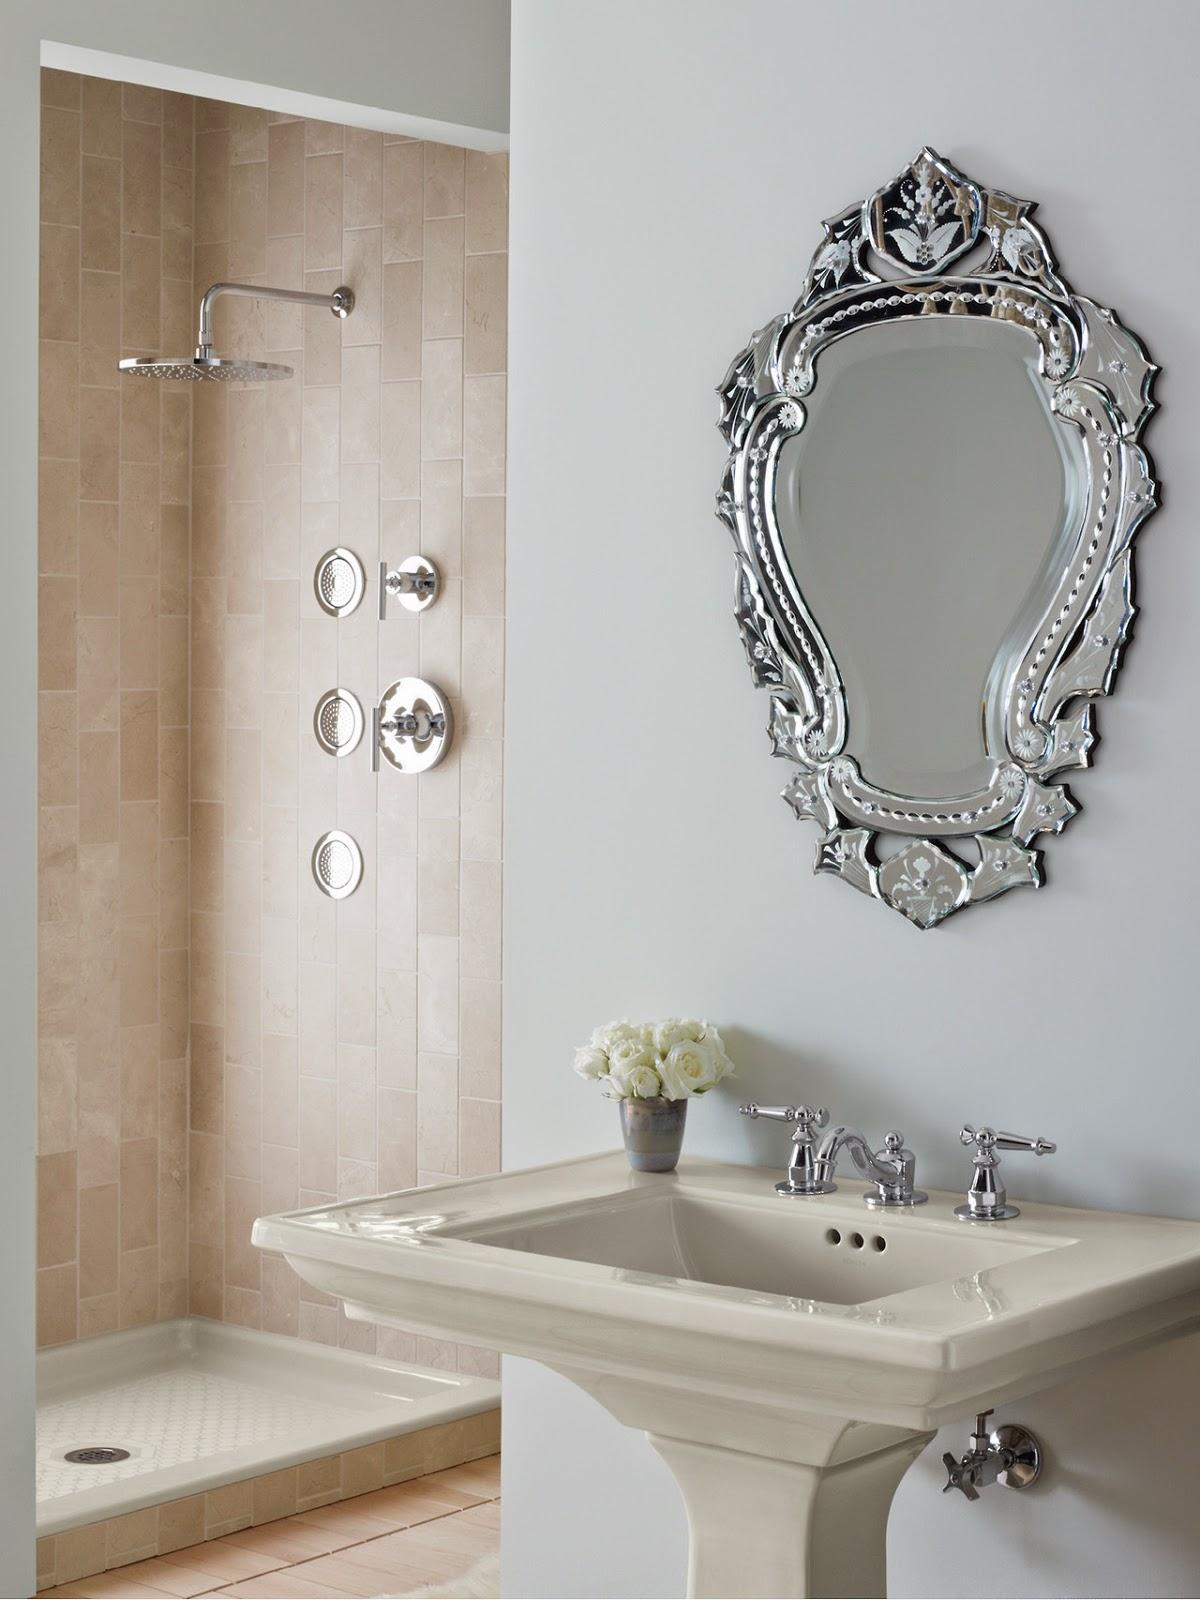 Gương tone-sur-tone với chiếc chậu rửa chân đứng cổ điển